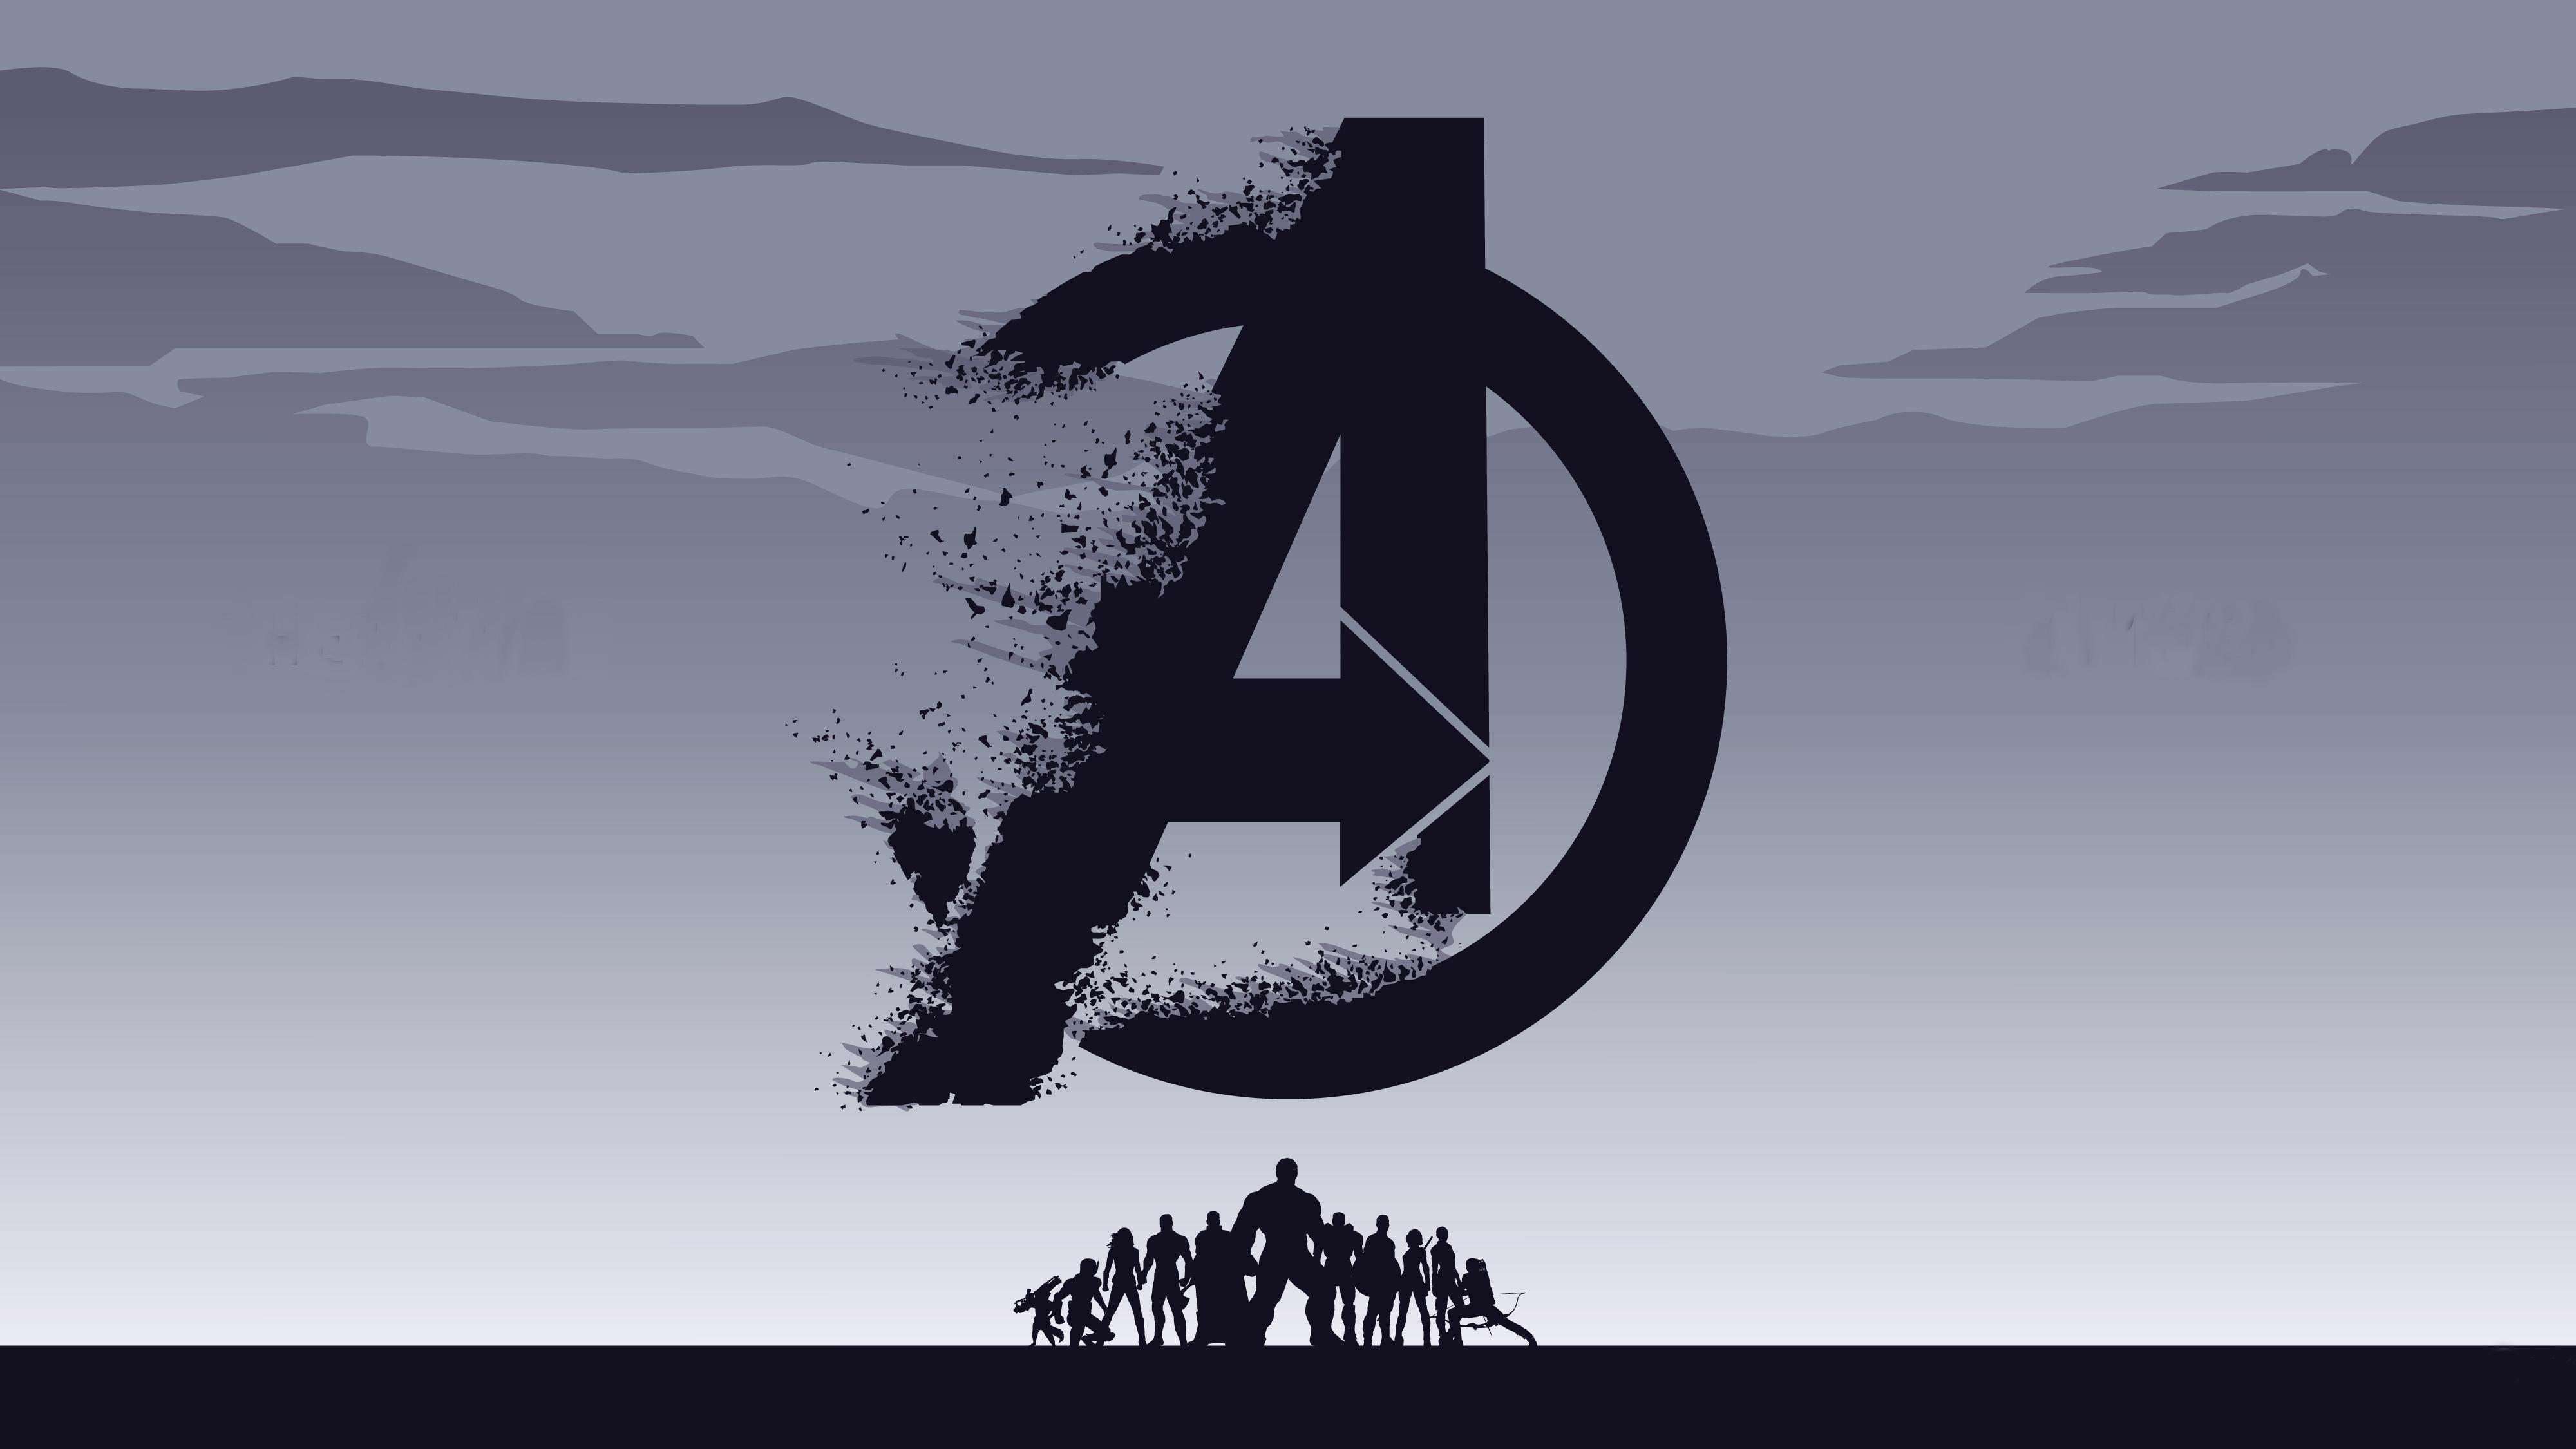 Avengers Endgame 4K Background Wallpaper, HD Artist 4K ...